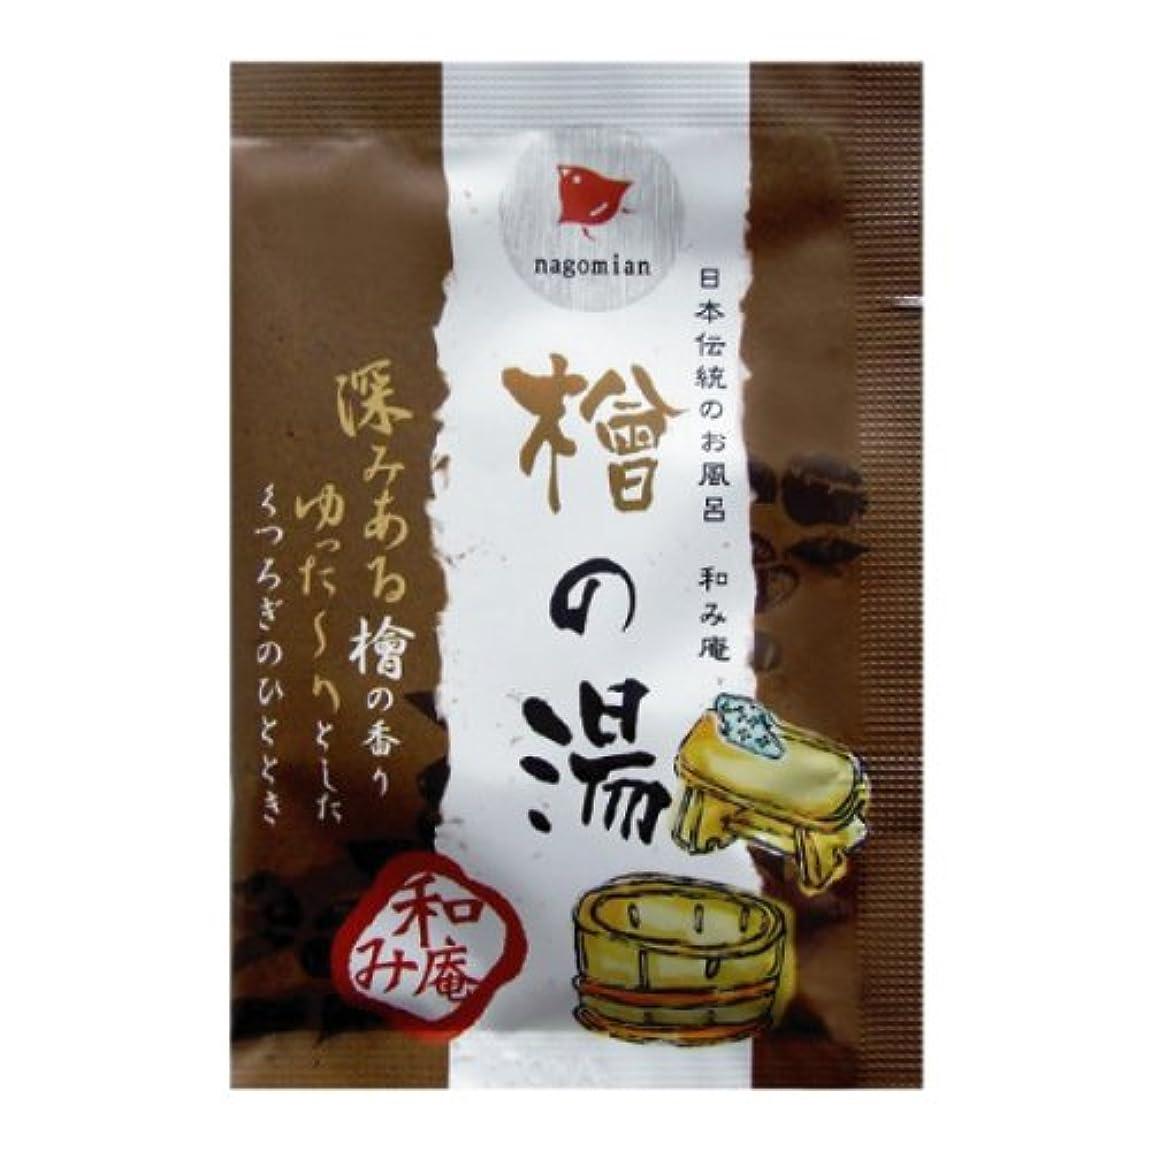 ユーザータイトル検出日本伝統のお風呂 和み庵 檜の湯 200包